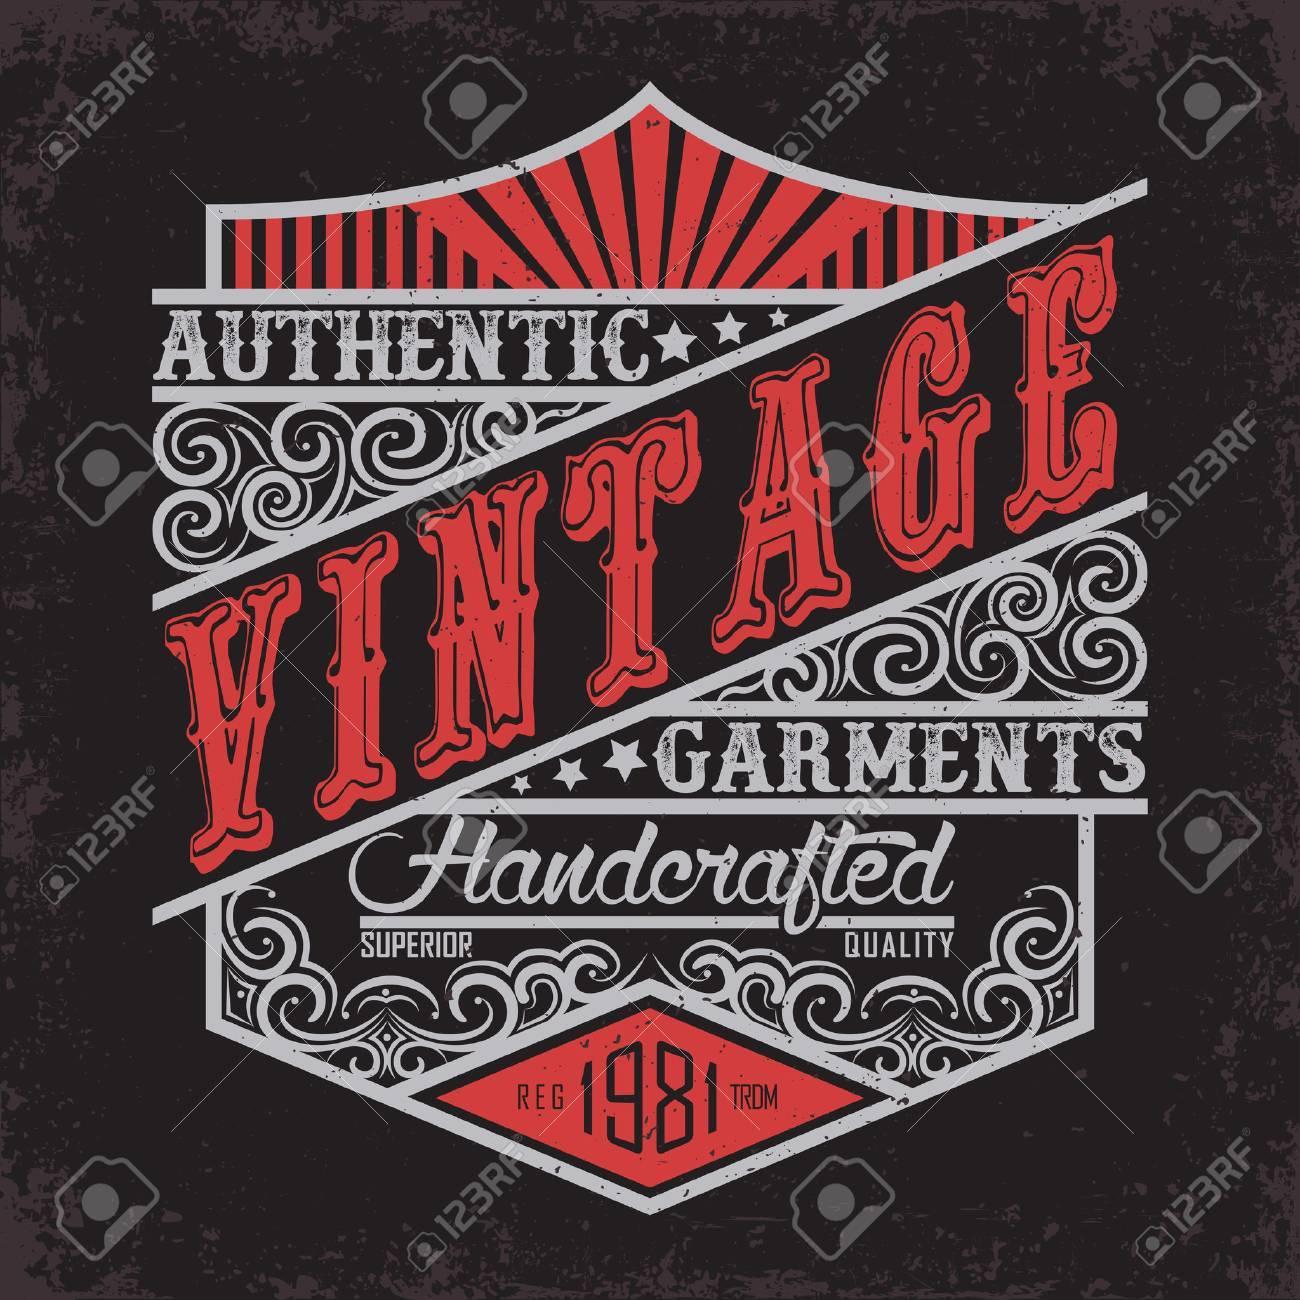 Vintage Denim typography, grunge t-shirt graphics, vintage grunge Artwork apparel stamp, Vintage Denim wear tee print design, Denim goods emblem, vector - 62080690